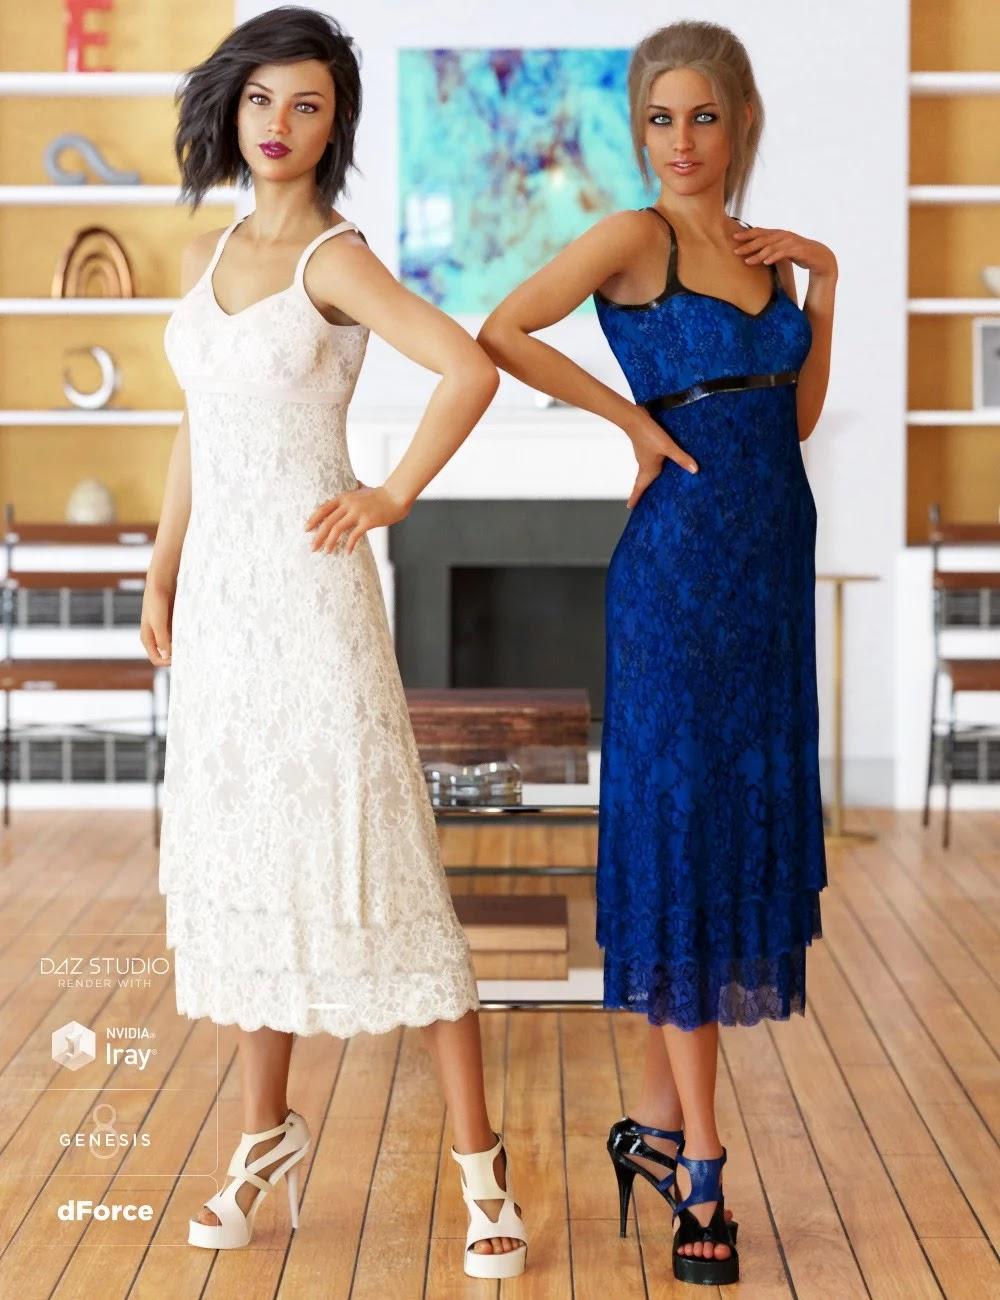 dForce 90's Girl Dress Textures_DAZ3D下载站